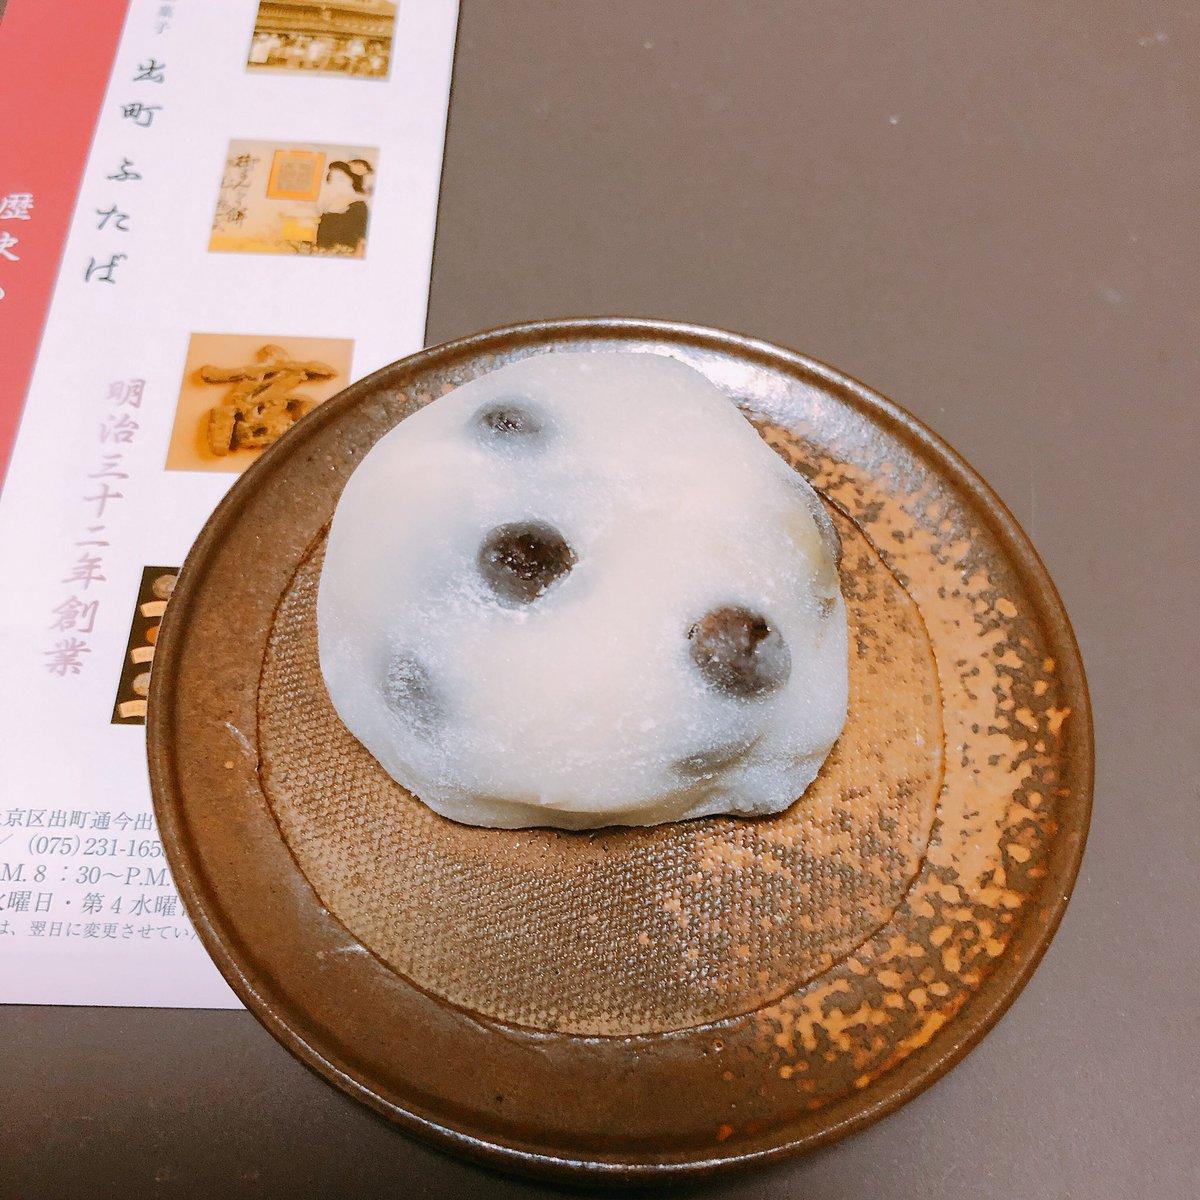 test ツイッターメディア - 閉店ギリギリで大京都展へ行ったら、売り切れだった出町ふたばの豆餅のキャンセル分の販売が始まったところでめっちゃラッキー♪これからいただきます♡ #出町ふたば https://t.co/26BPVRhqLO